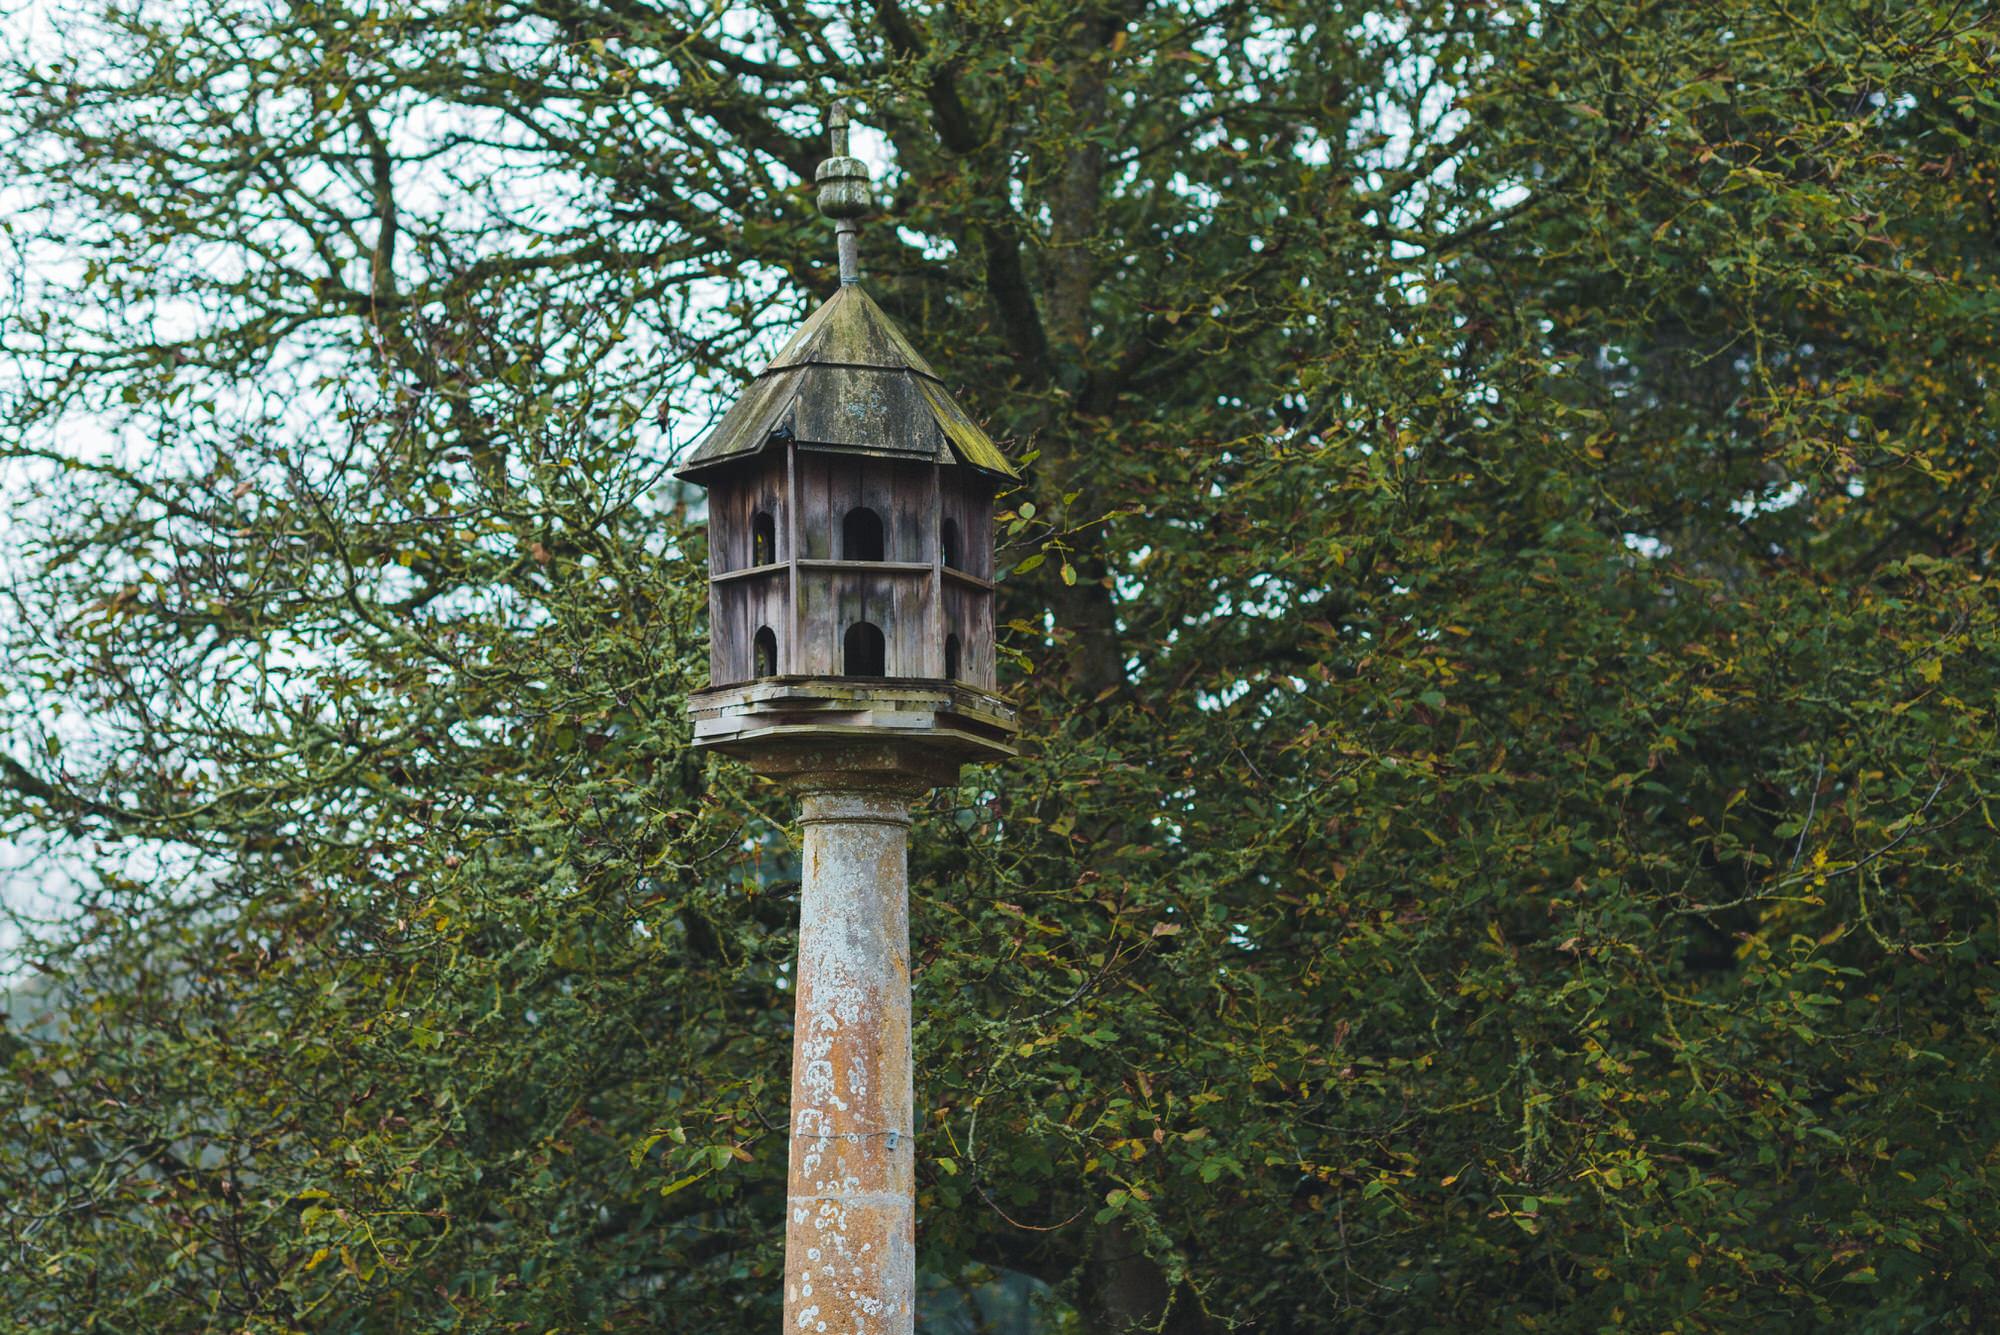 Dove Cote at Brympton